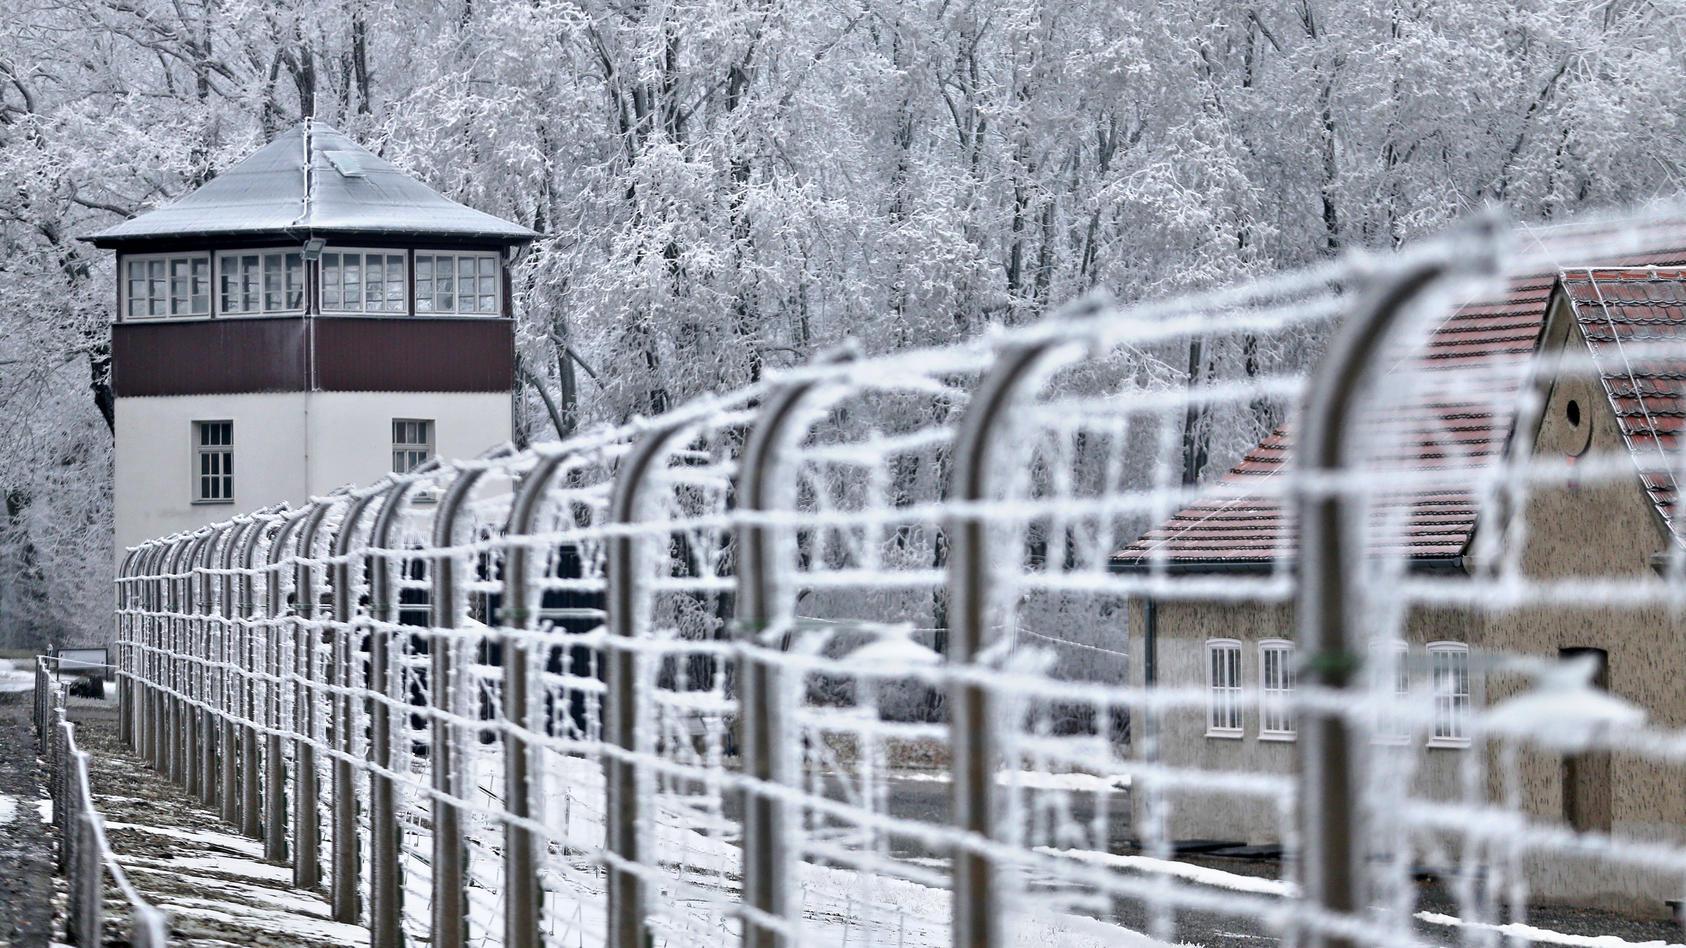 Auch an der Gedenkstätte Buchenwald in Thüringen ist viel Schnee gefallen. Kein Grund, sich dort respektlos zu verhalten. (Archivbild von 2017)